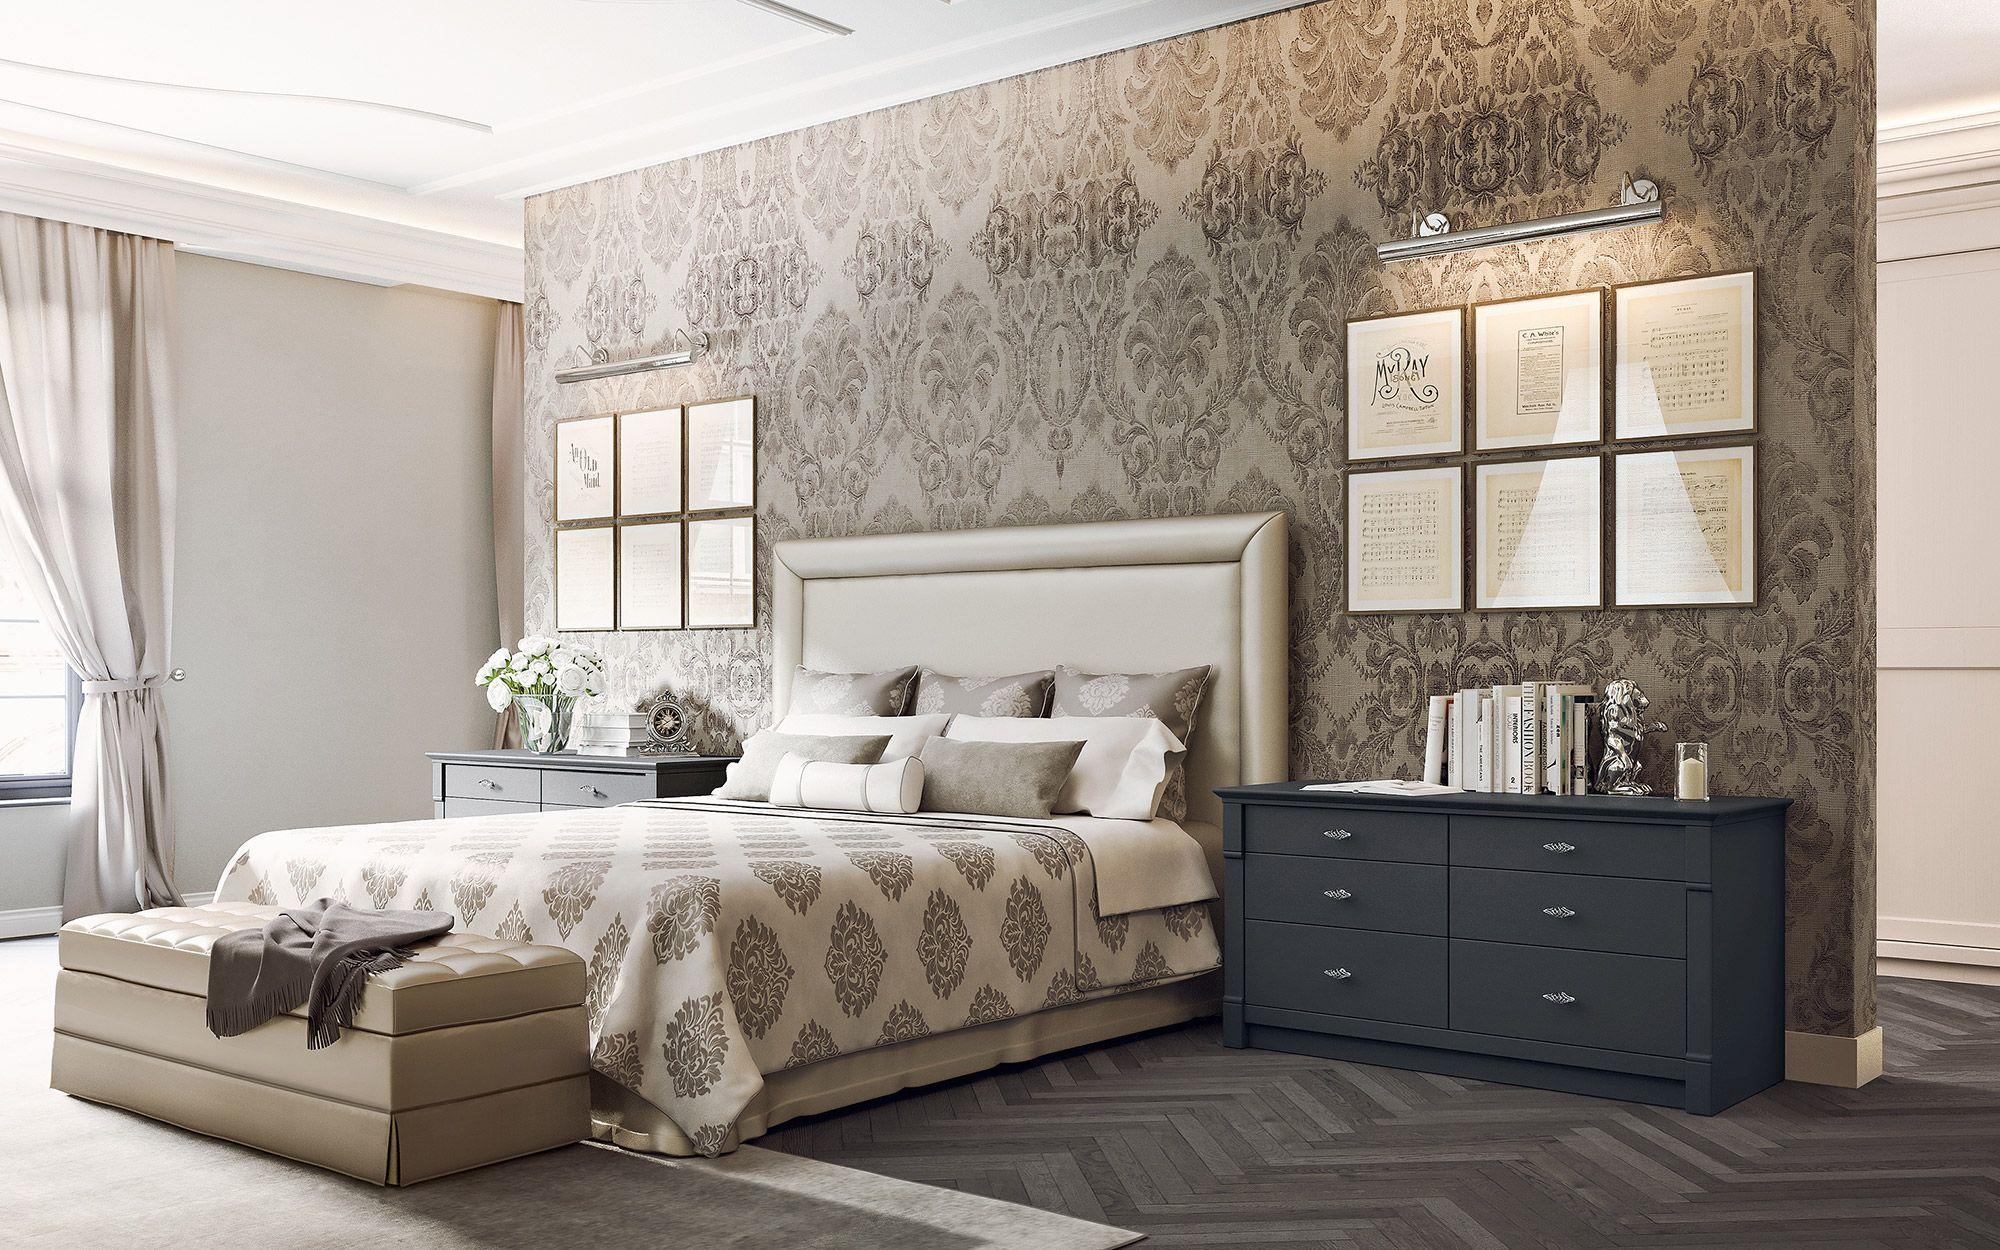 English Mood Bedroom By Minacciolo 2016 Minacciolo Englishmood Chic Furniture Elegant Bedroom Bed Set Da Bagno Mobili Da Camera Camera Da Letto Elegante